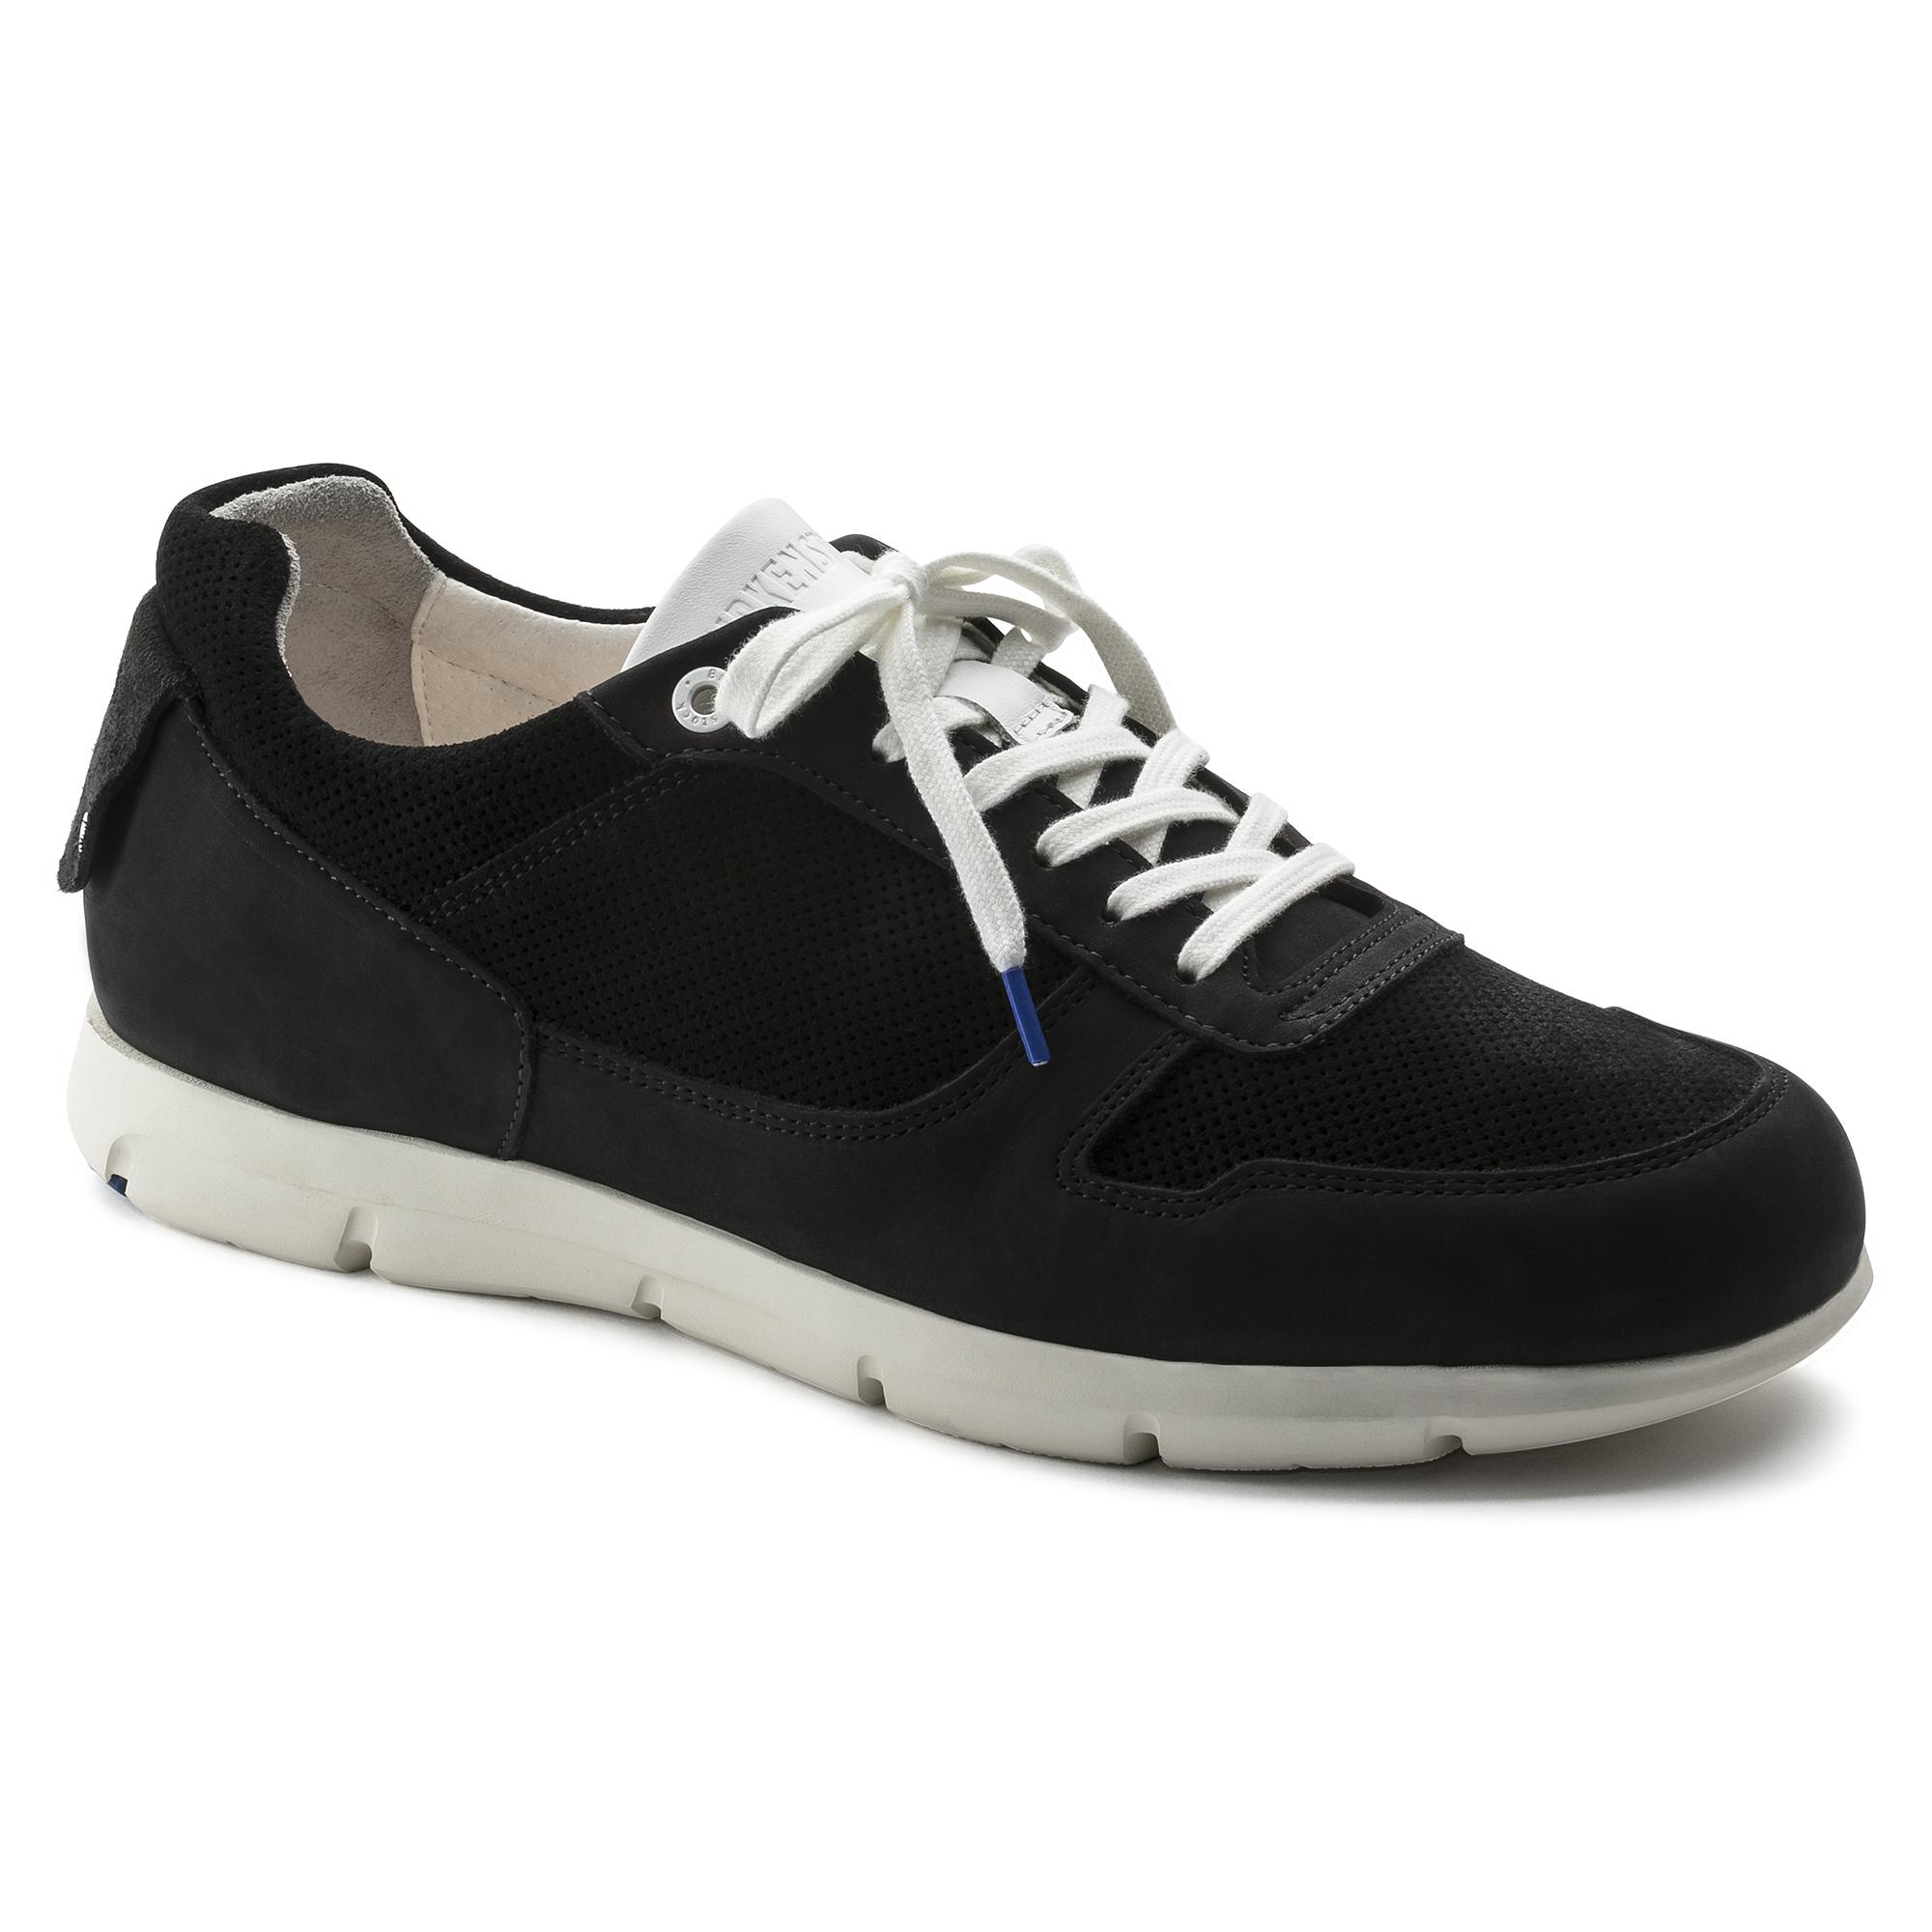 scarpe di separazione 94ac7 a17fa Cincinnati Nubuck/Suede Leather Black